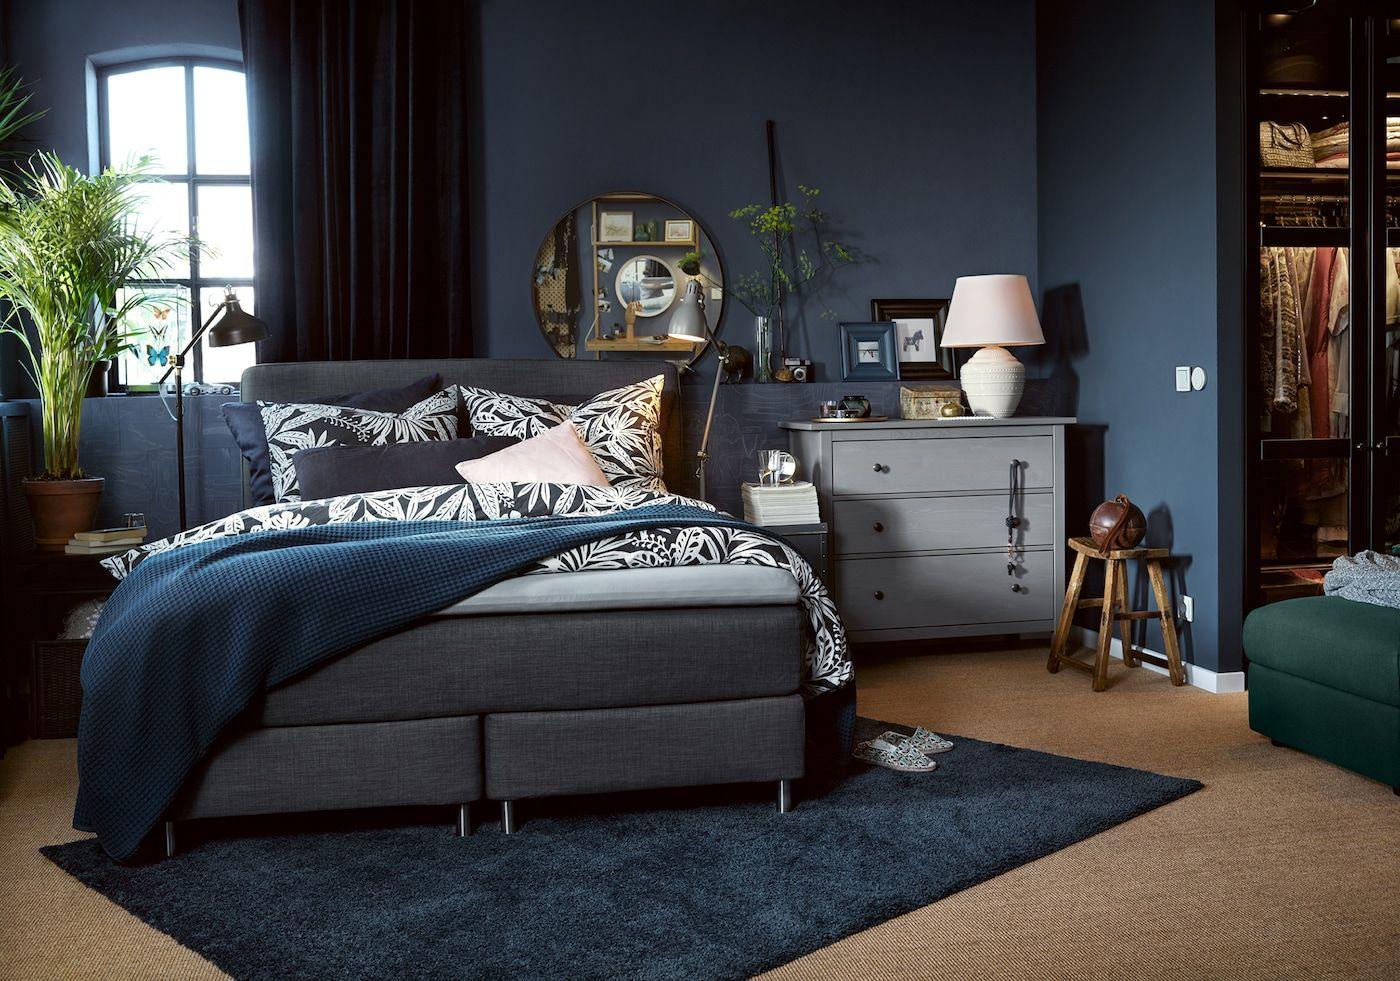 Schlafzimmer Fur Besondere Momente Gestalten In 2020